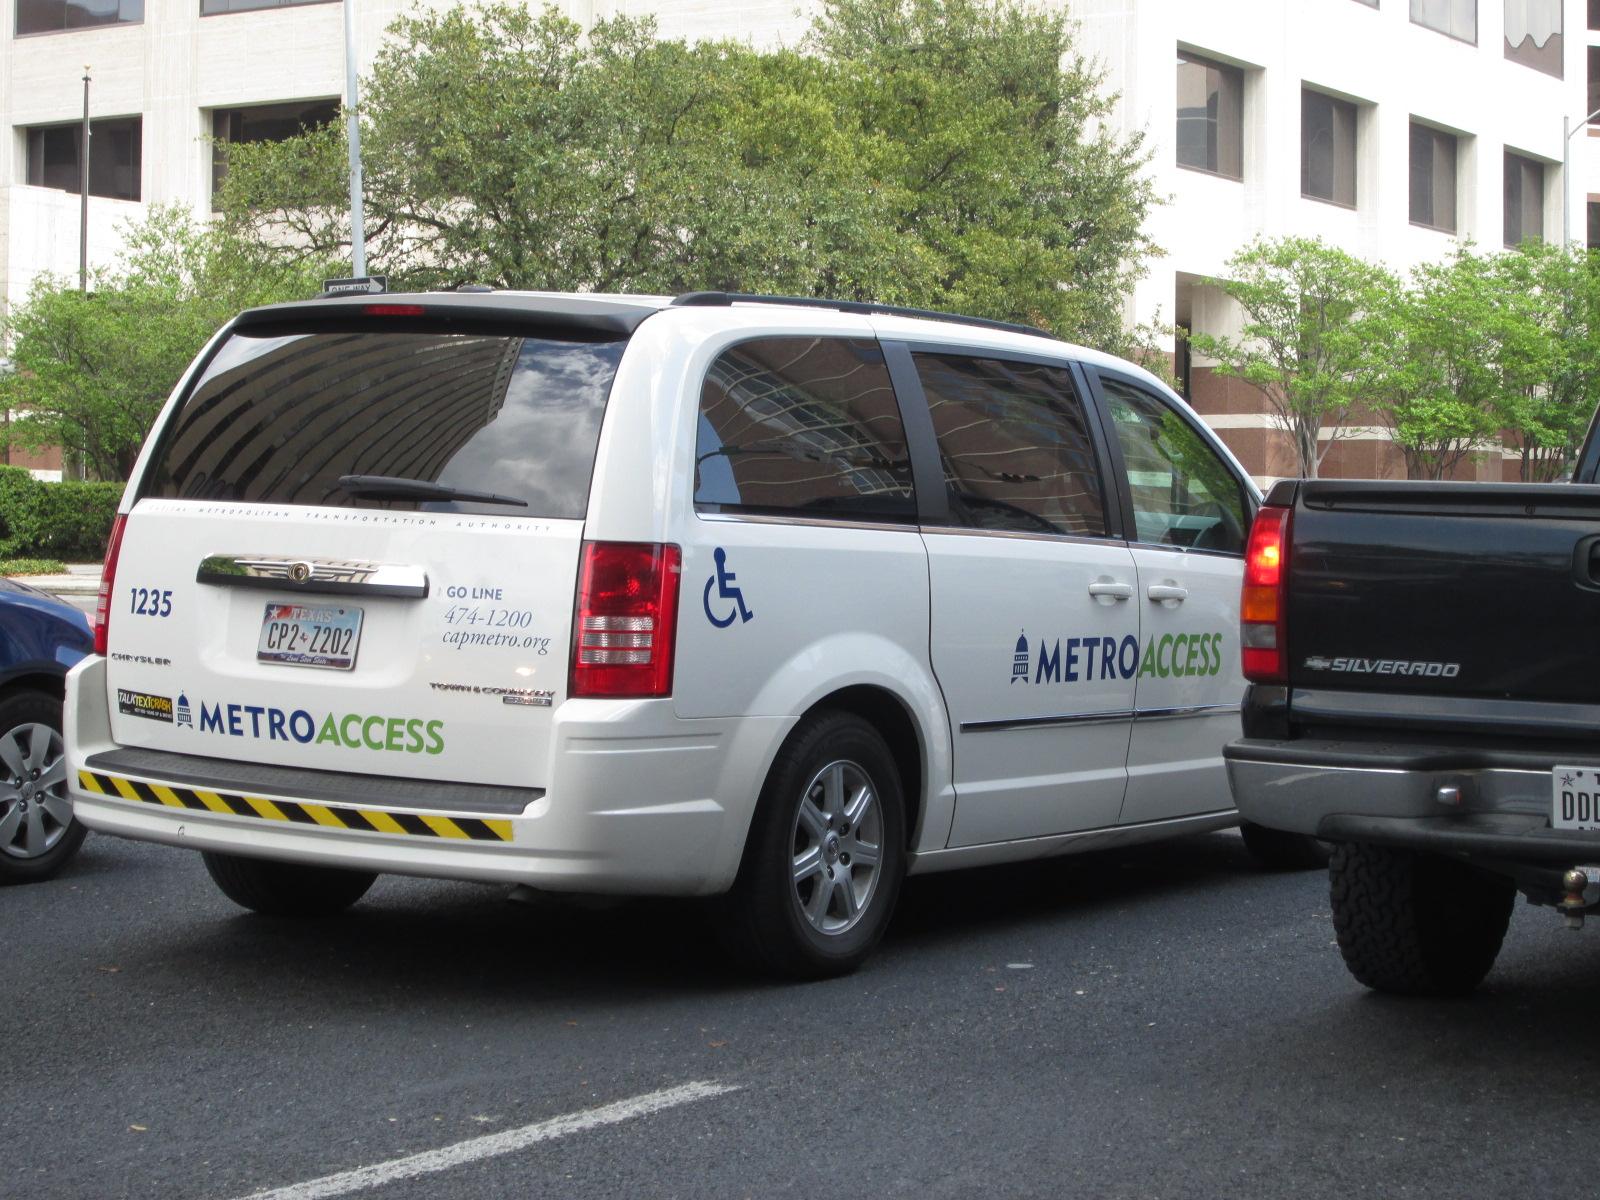 Servicio de transporte accesible / Fuente: Integrados.